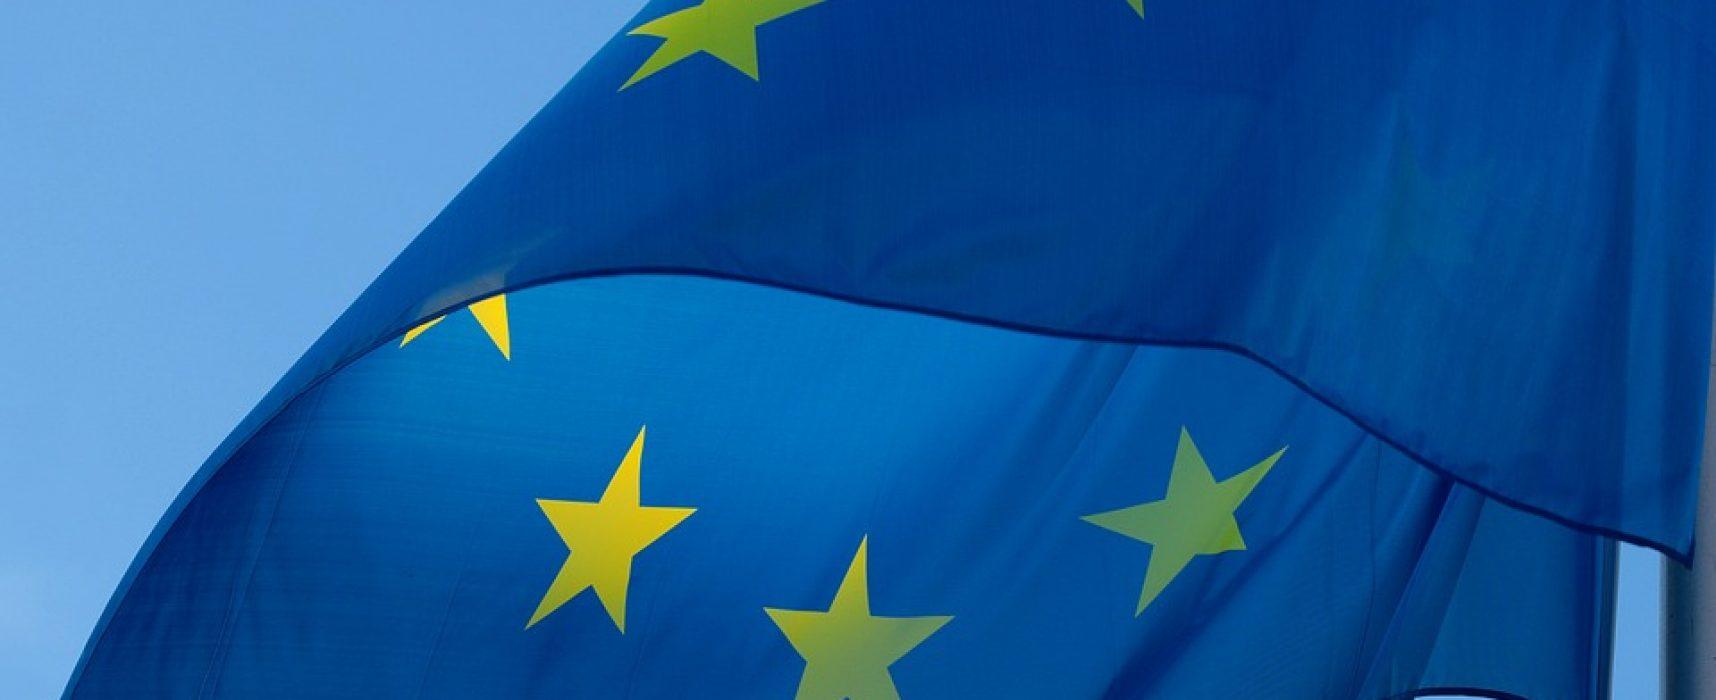 Выборы в Европейский парламент и российская дезинформация – доклад  SafeGuard Cyber